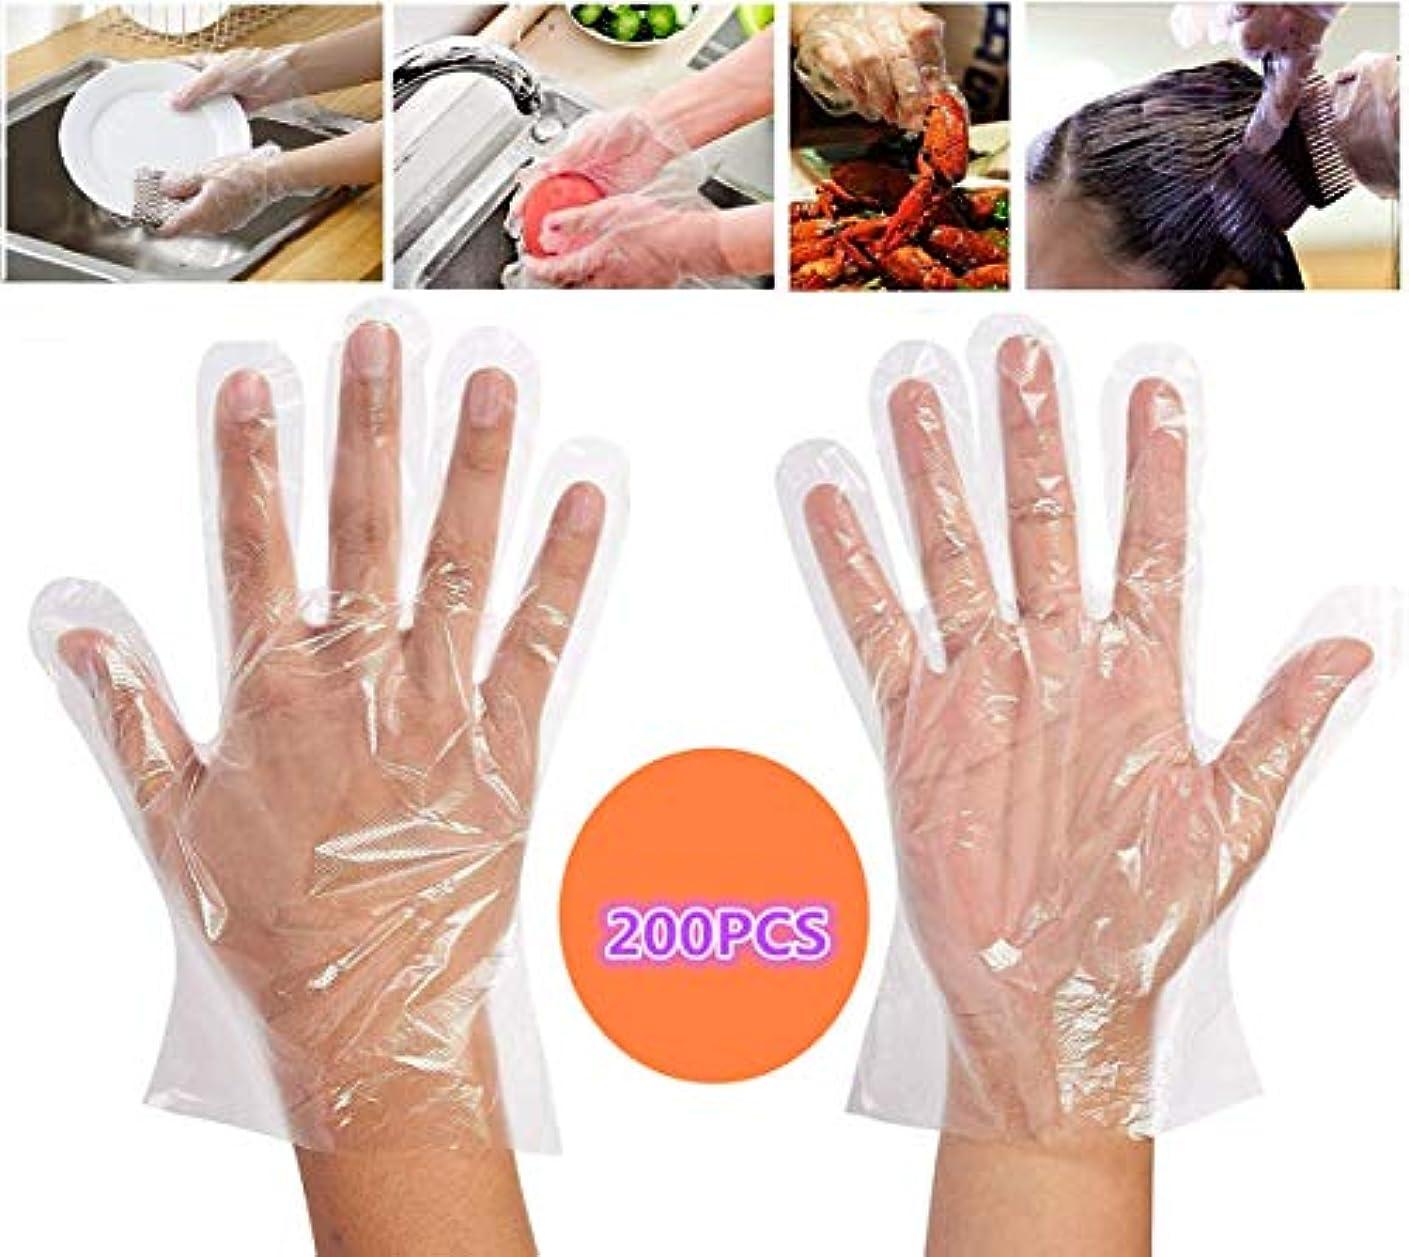 ある評論家構造Ant-Tree 使い捨て手袋プラスチック肥厚エステサロンケータリング家庭用防油透明実用健康200枚